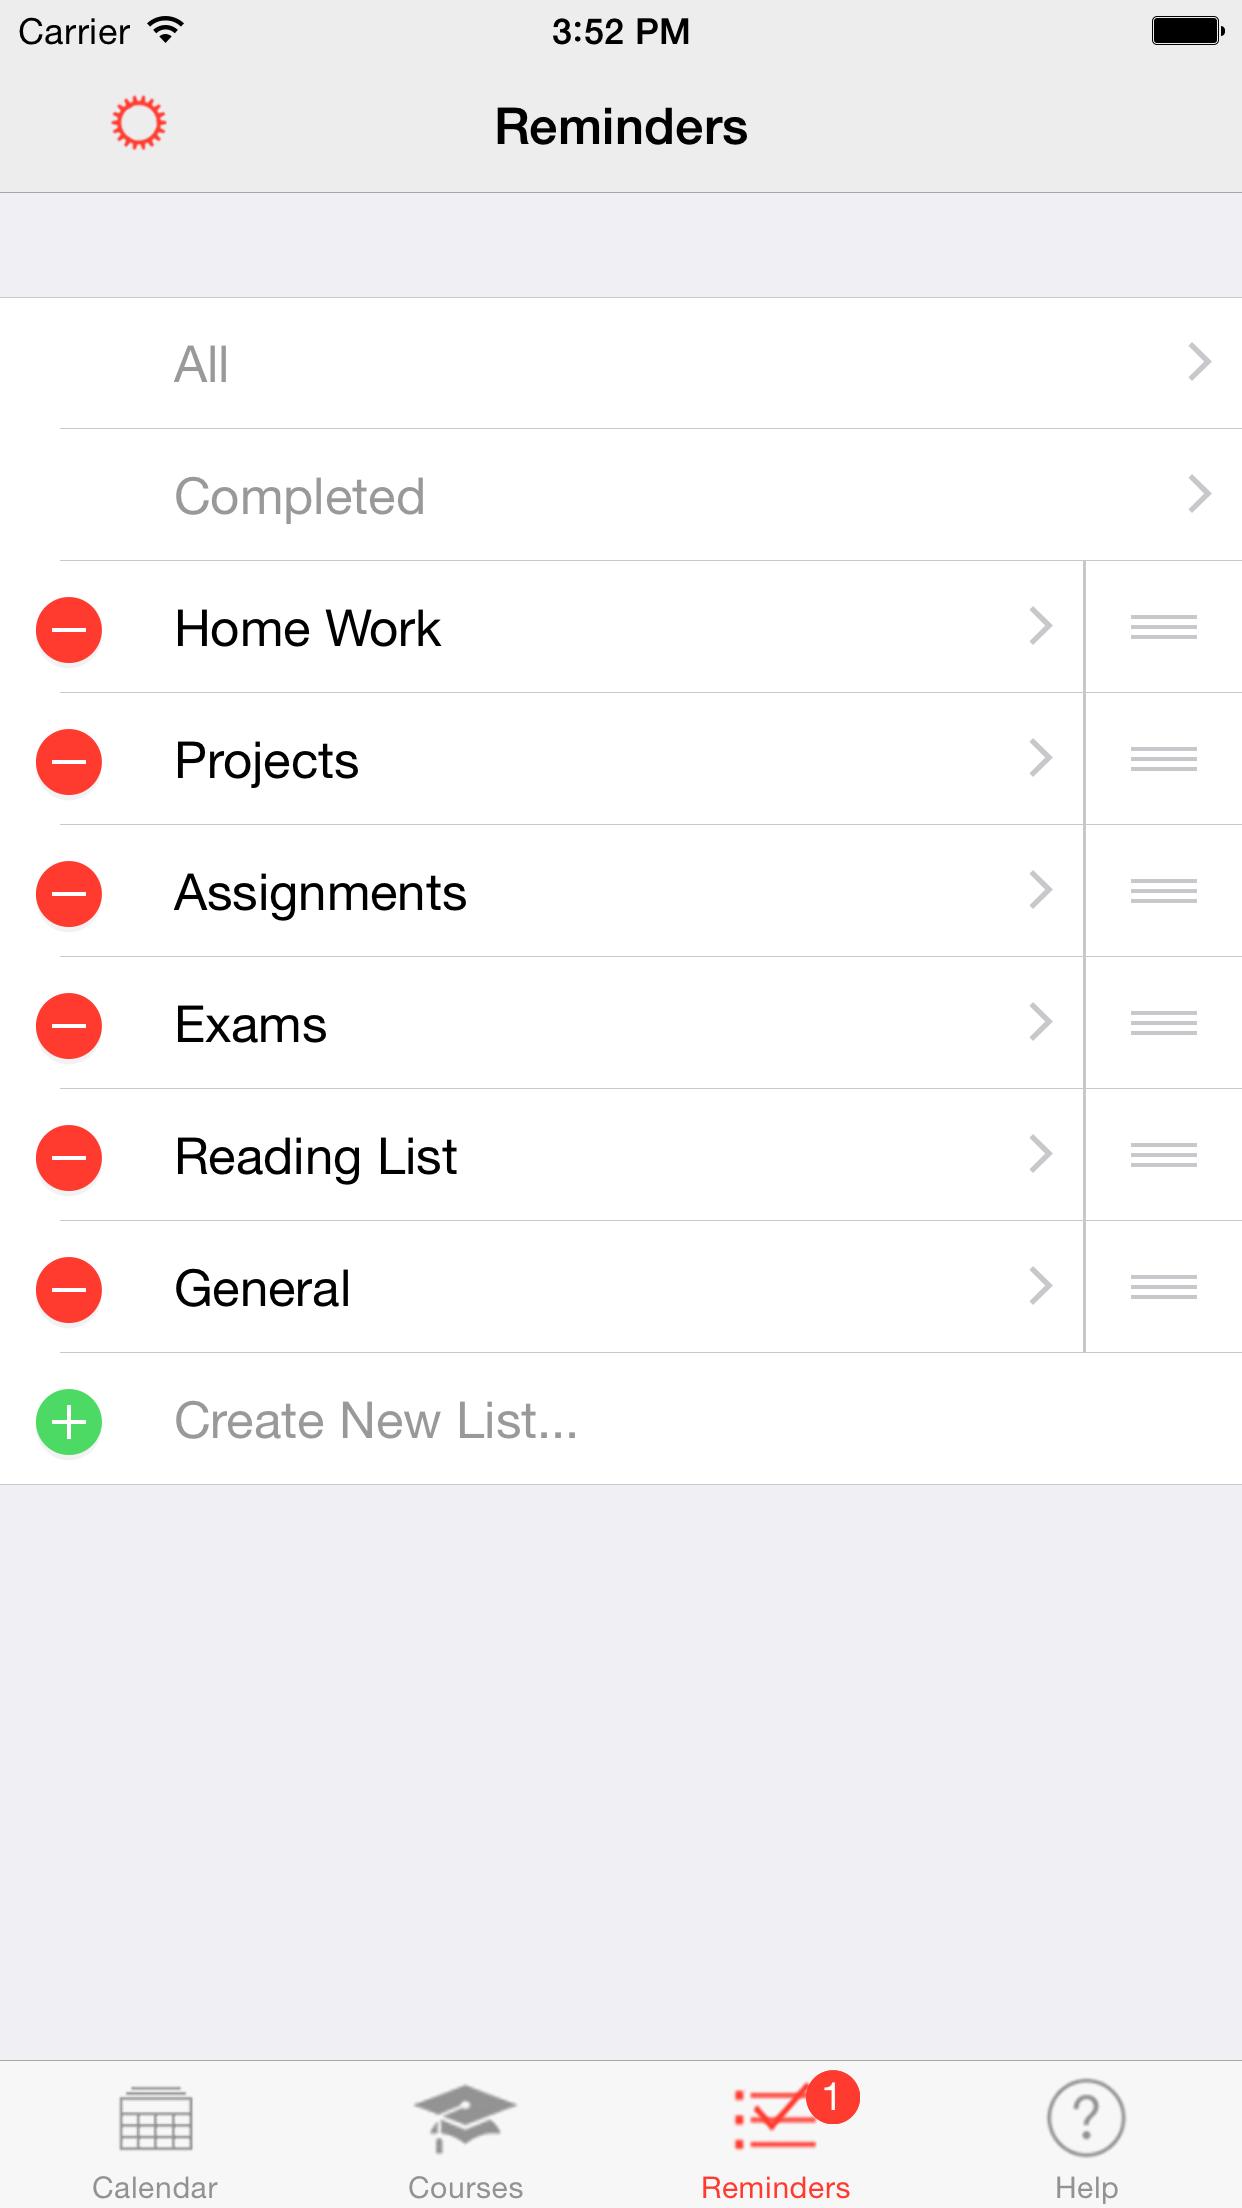 iOS Simulator Screen Shot 14 Sep 2014 15.52.46.png